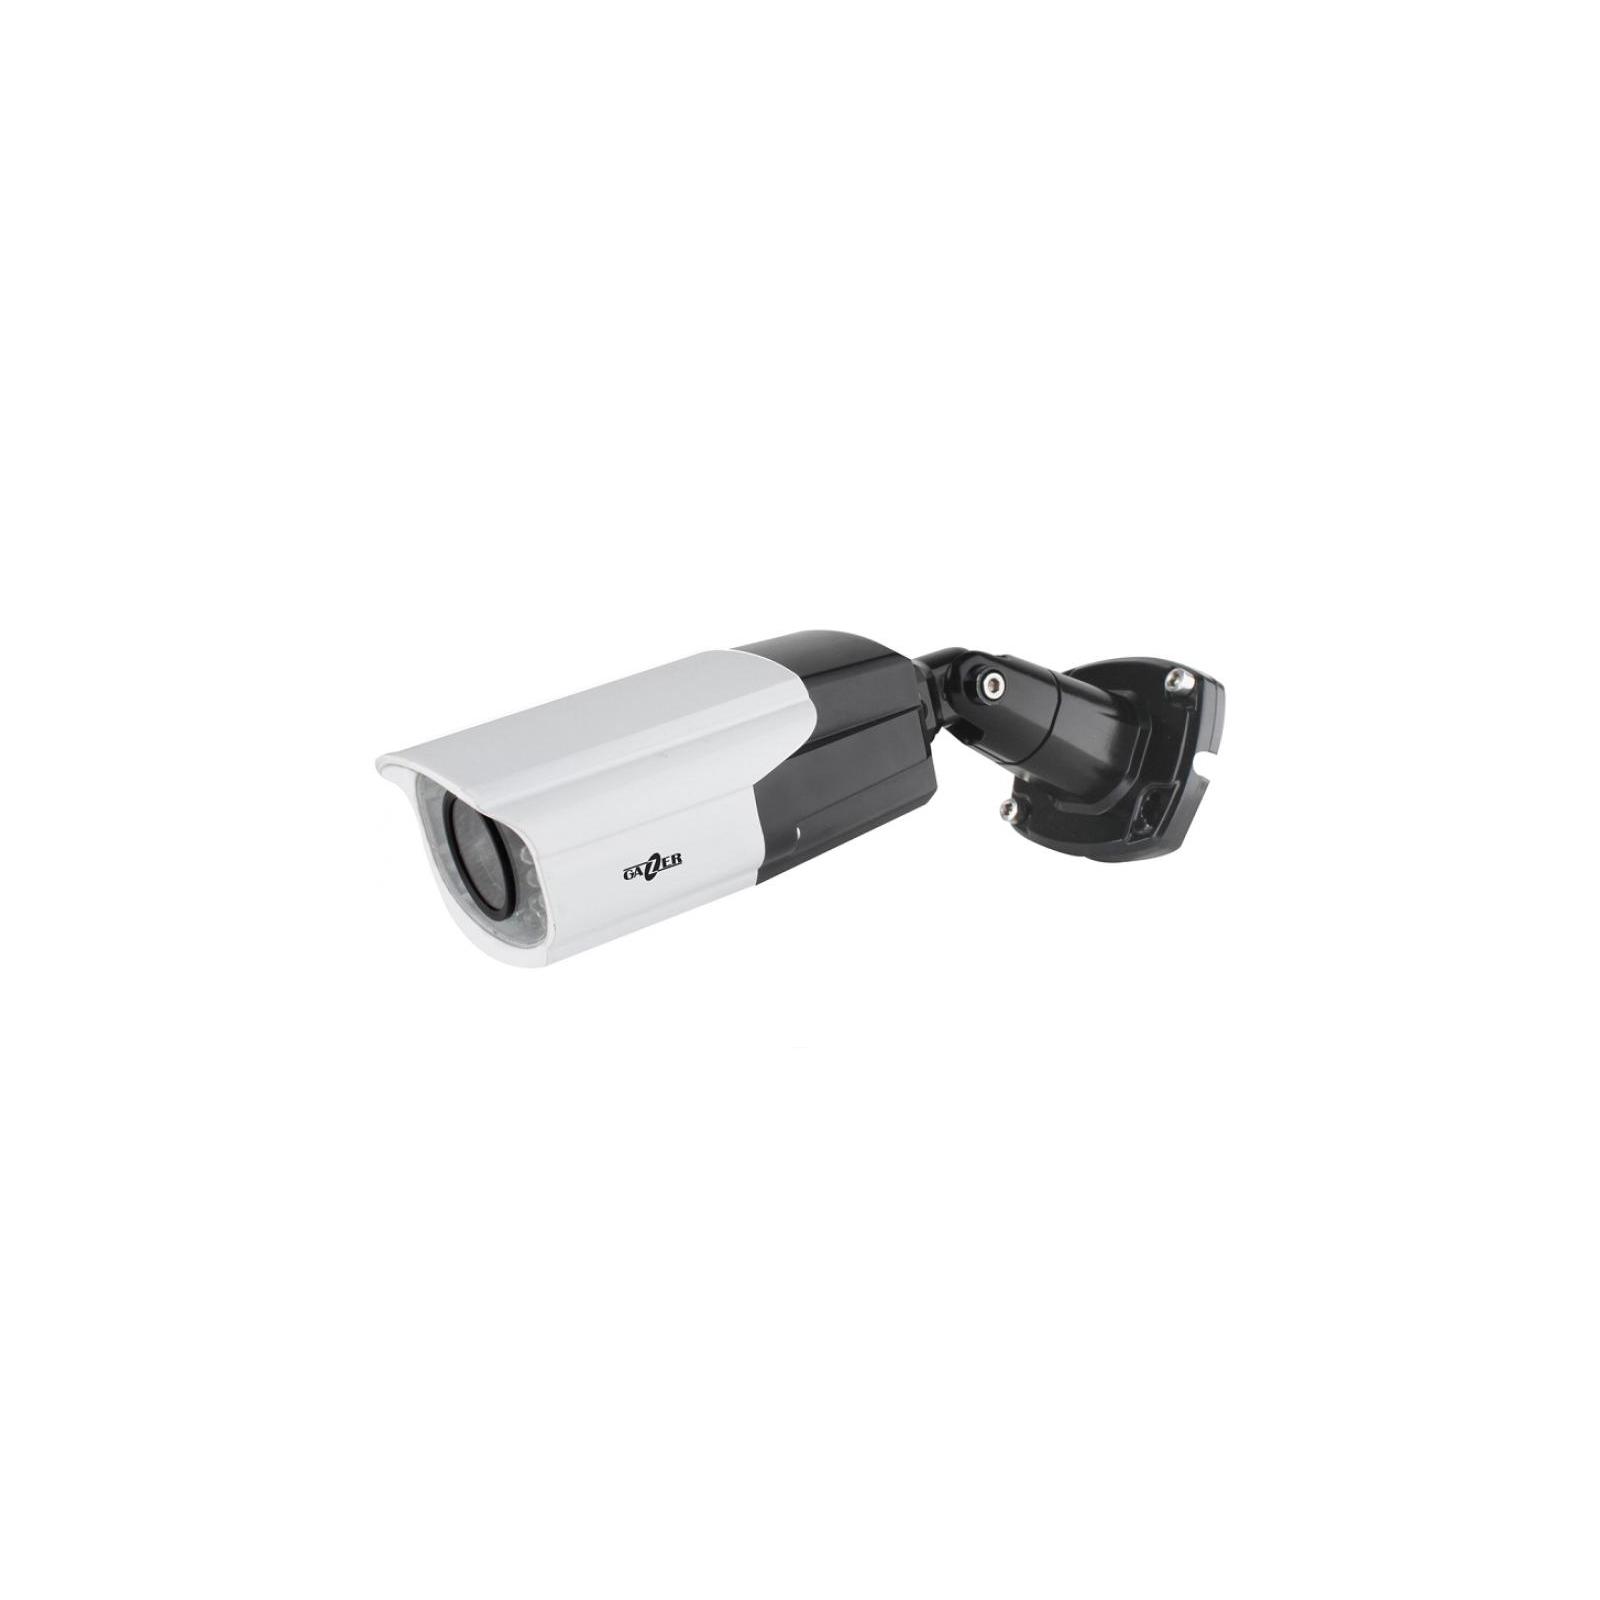 Камера видеонаблюдения Gazer CS206